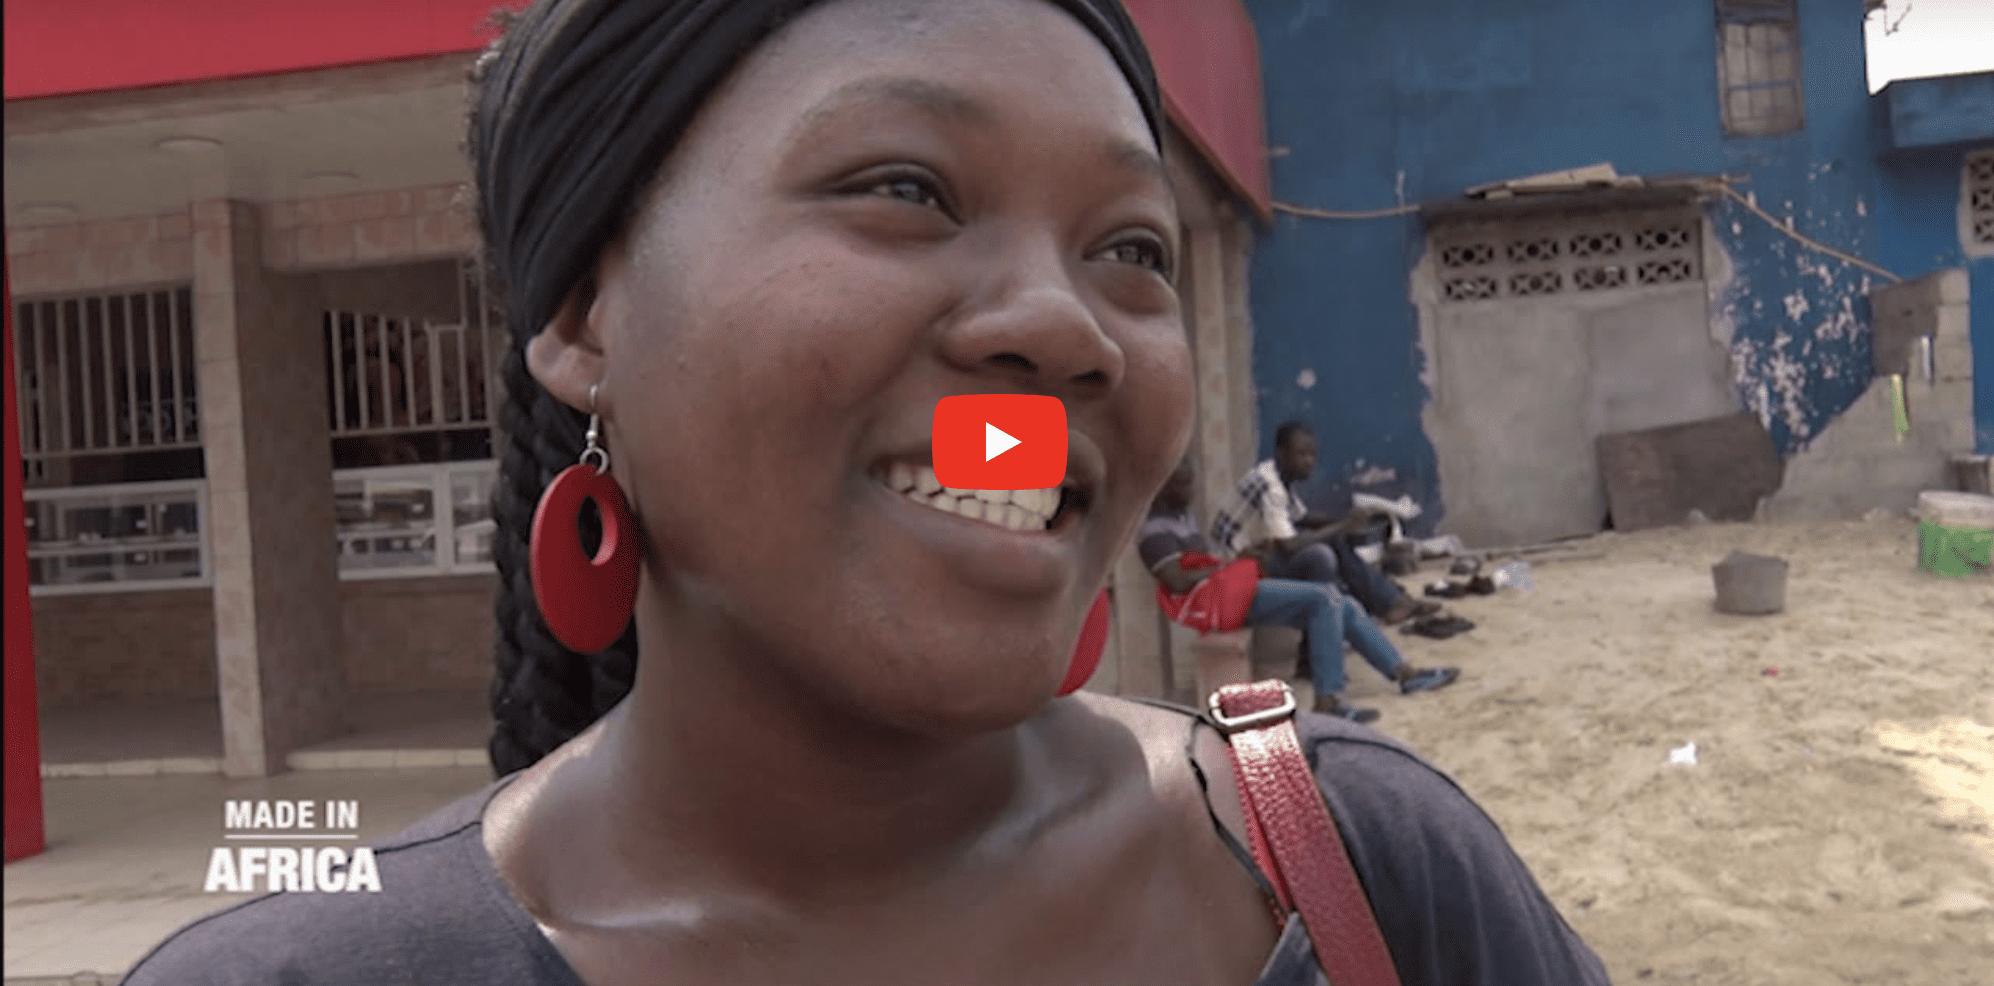 Vidéo : Les marchands de l'amour – Made in Africa